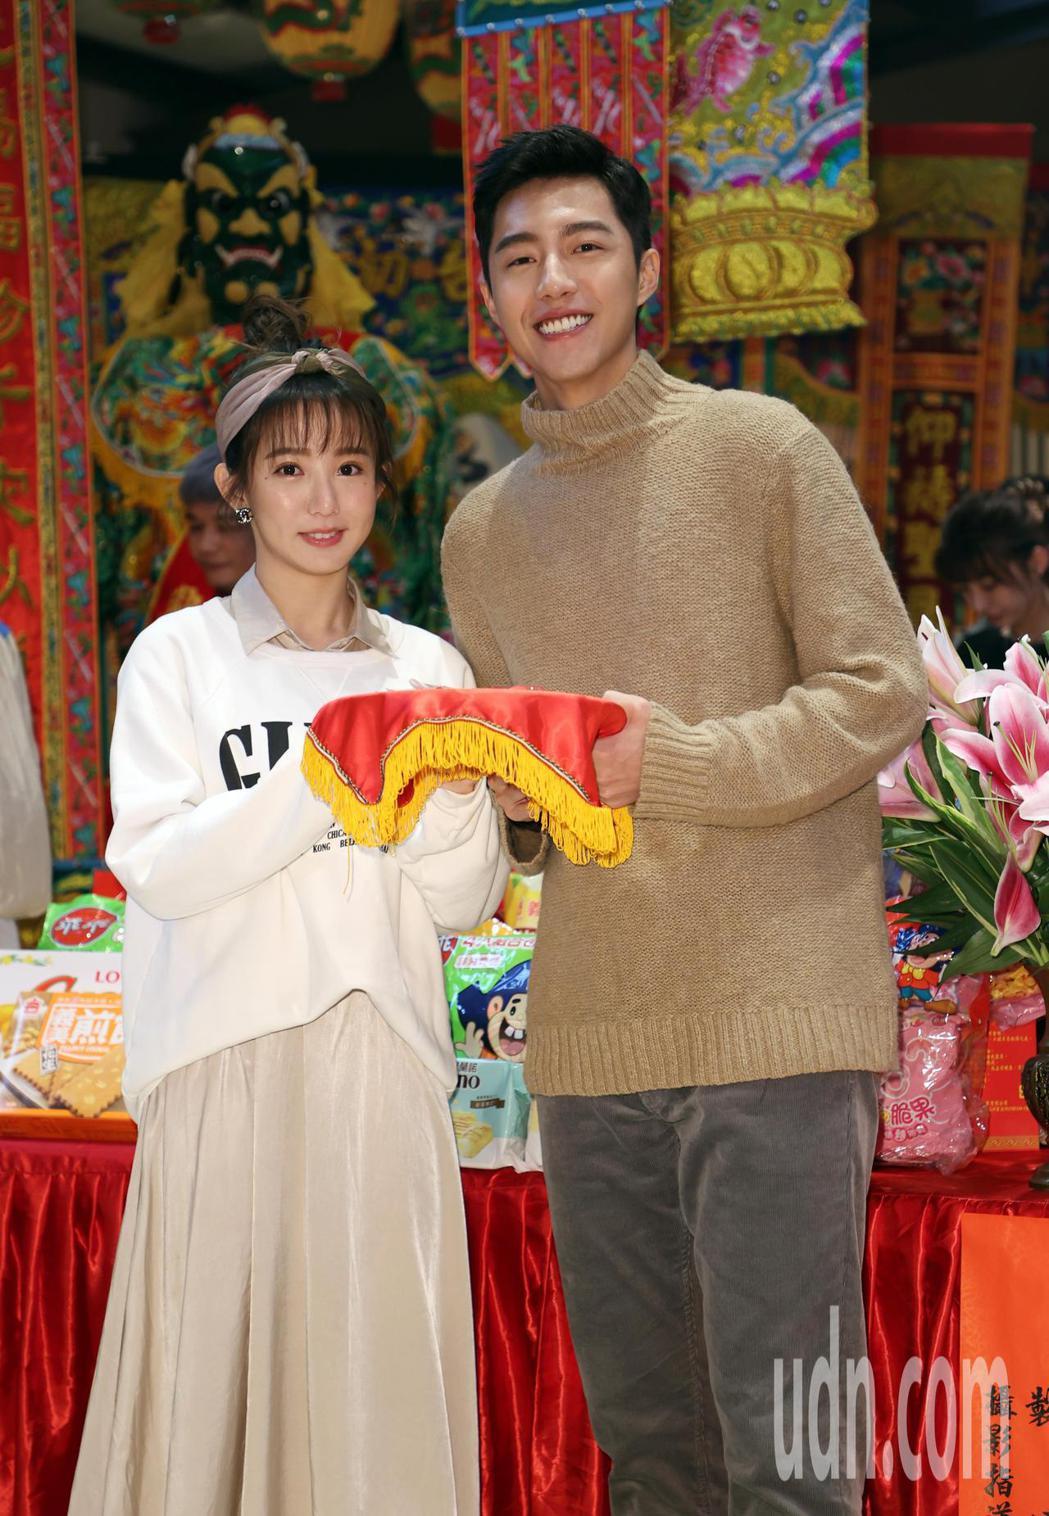 電影「再說一次我願意」開鏡儀式上午舉行,演員郭書瑤(左)、蔡凡熙(右)等人出席。